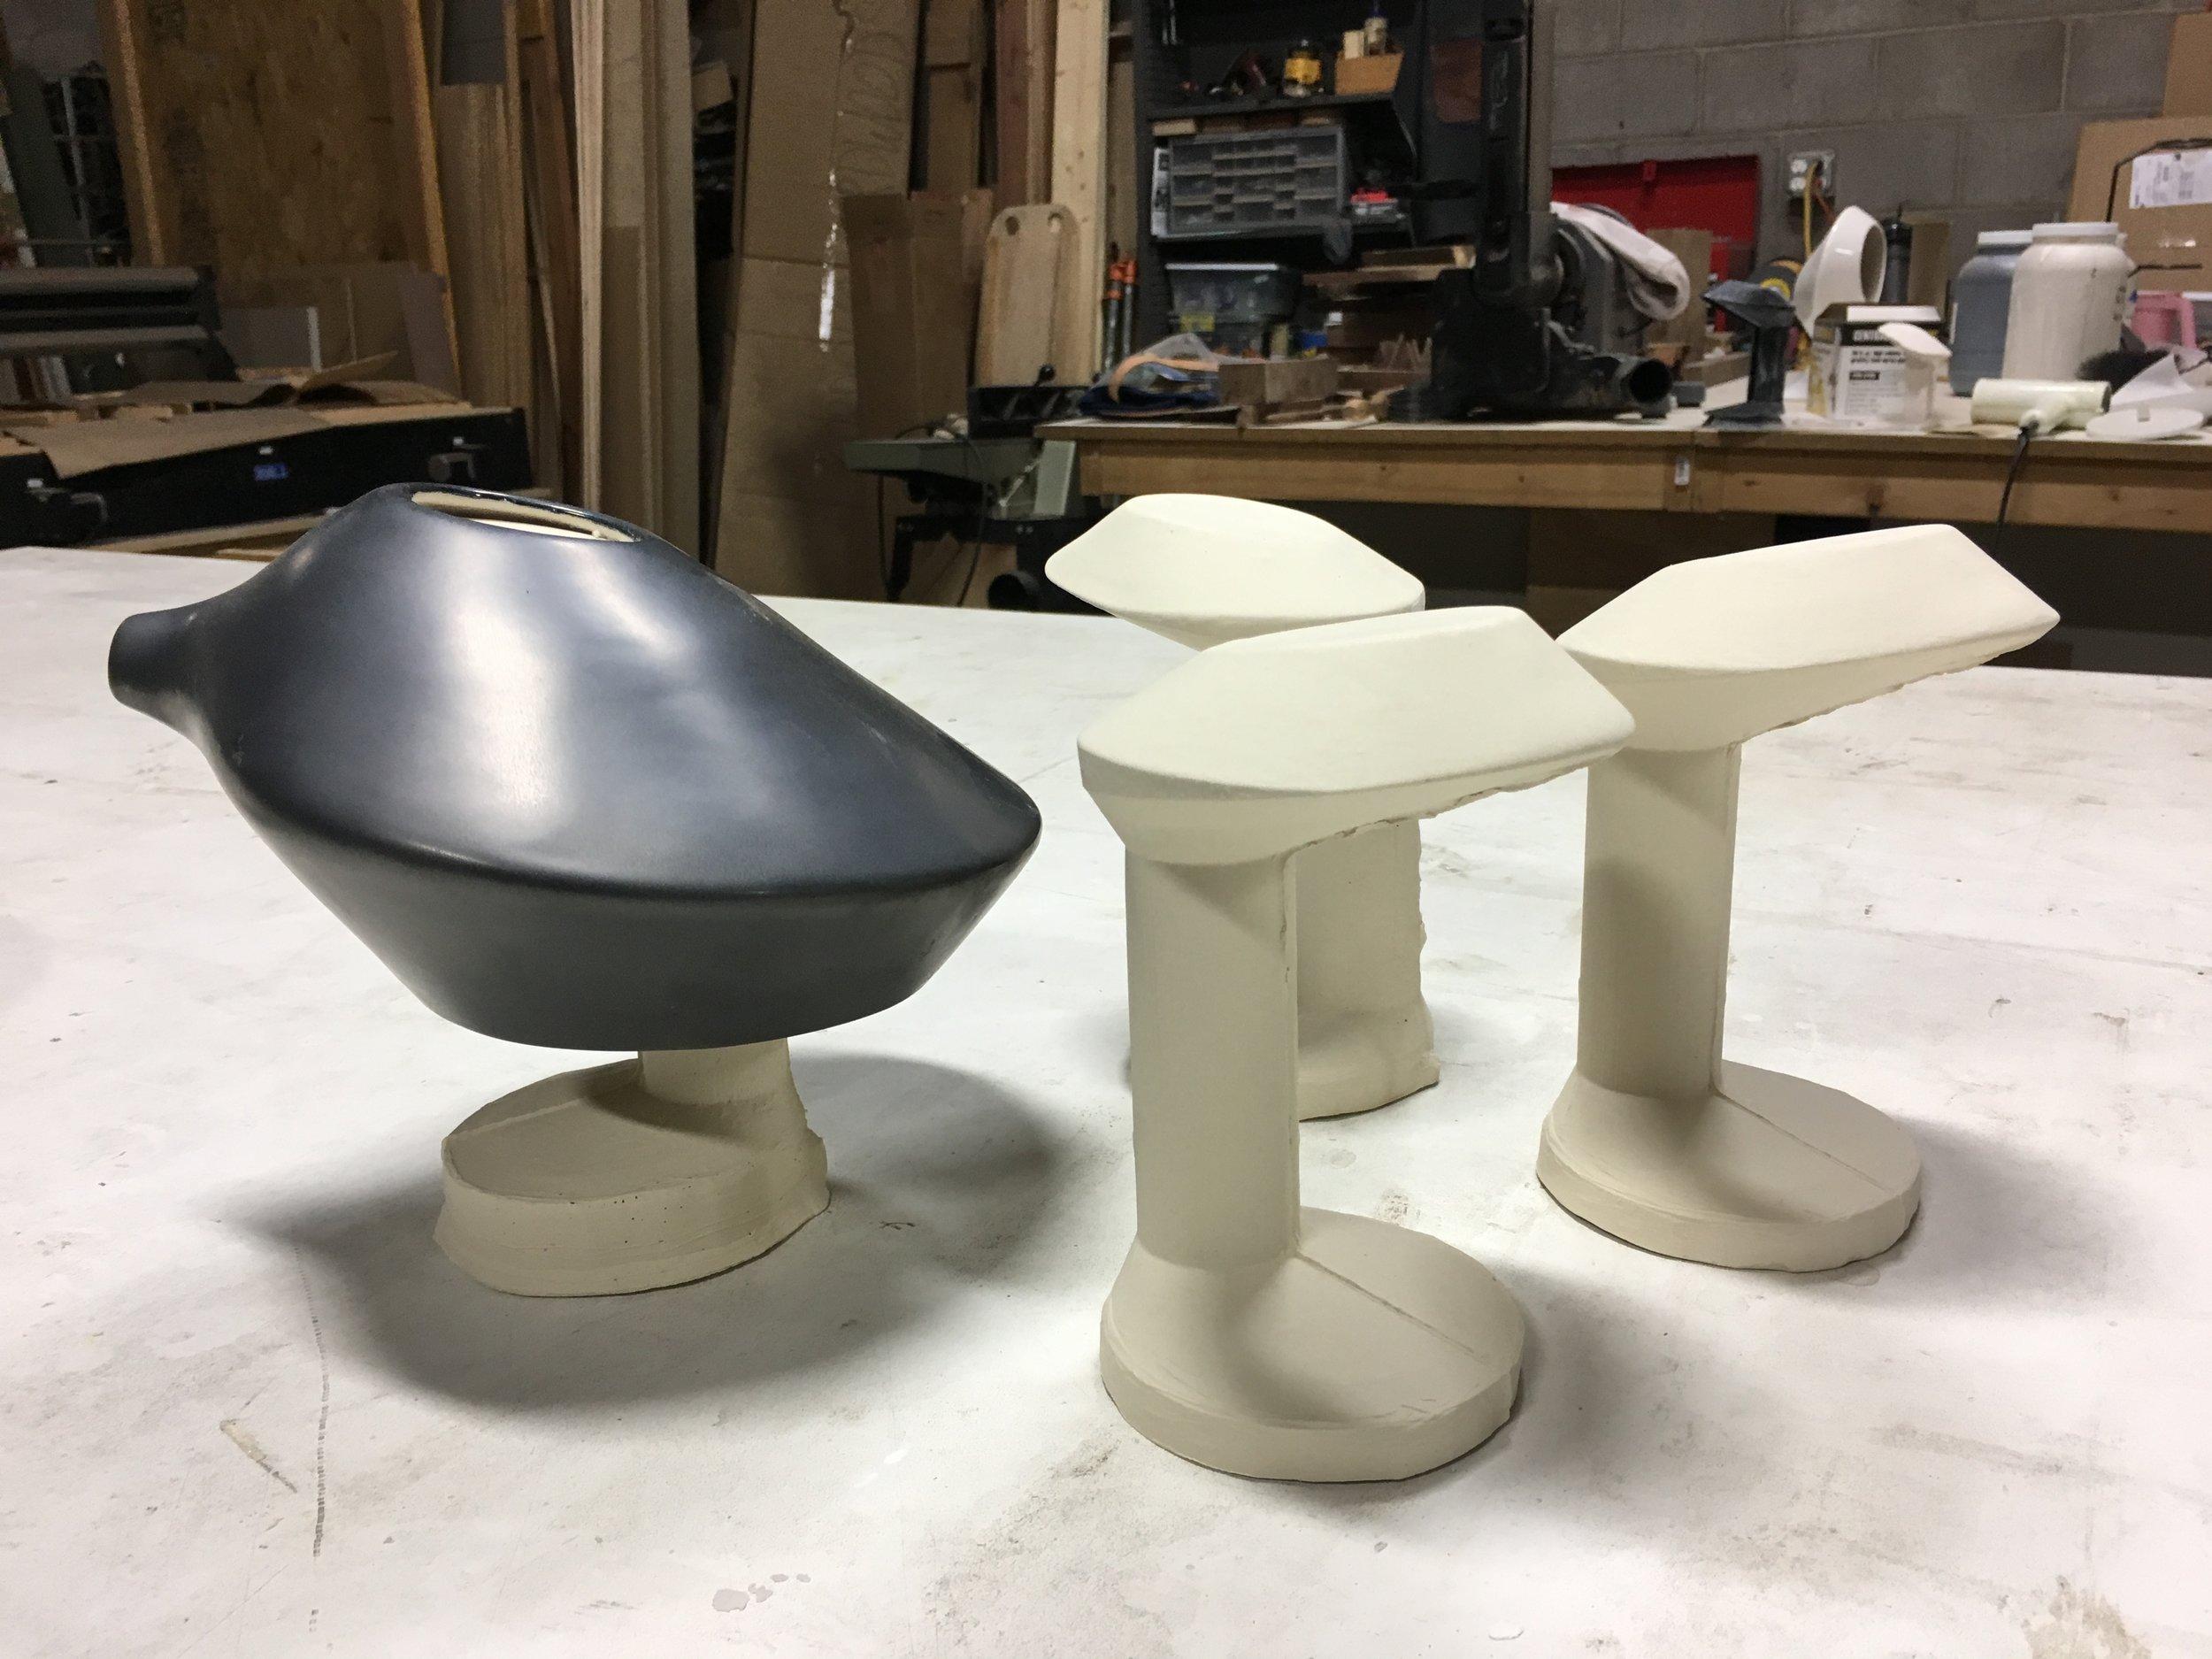 schmitt design orb fixture modern lighting 5